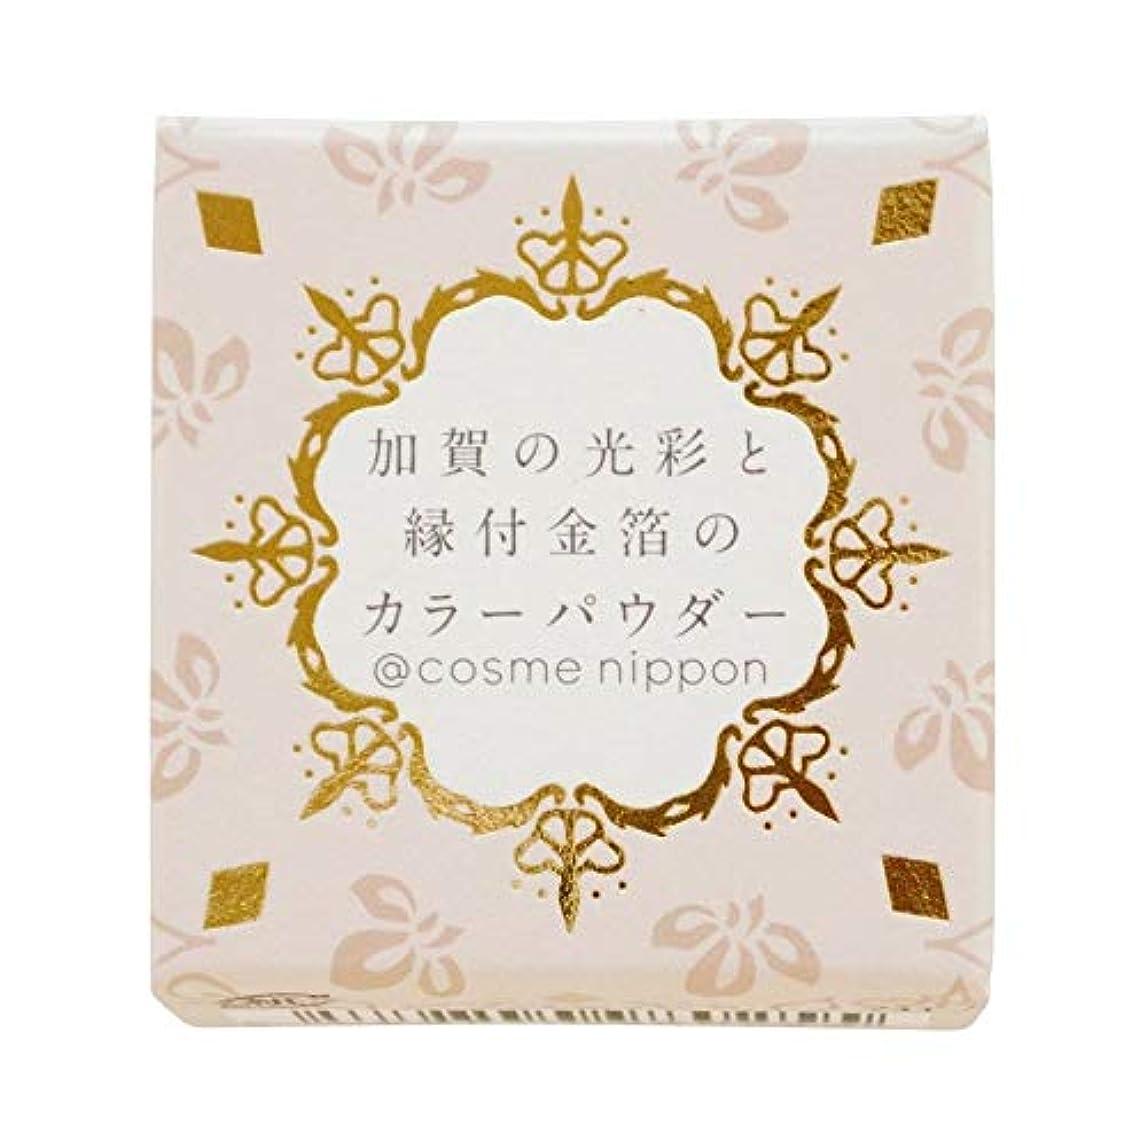 カーペットゴミ箱構想する友禅工芸 すずらん加賀の光彩と縁付け金箔のカラーパウダー01金色こんじき